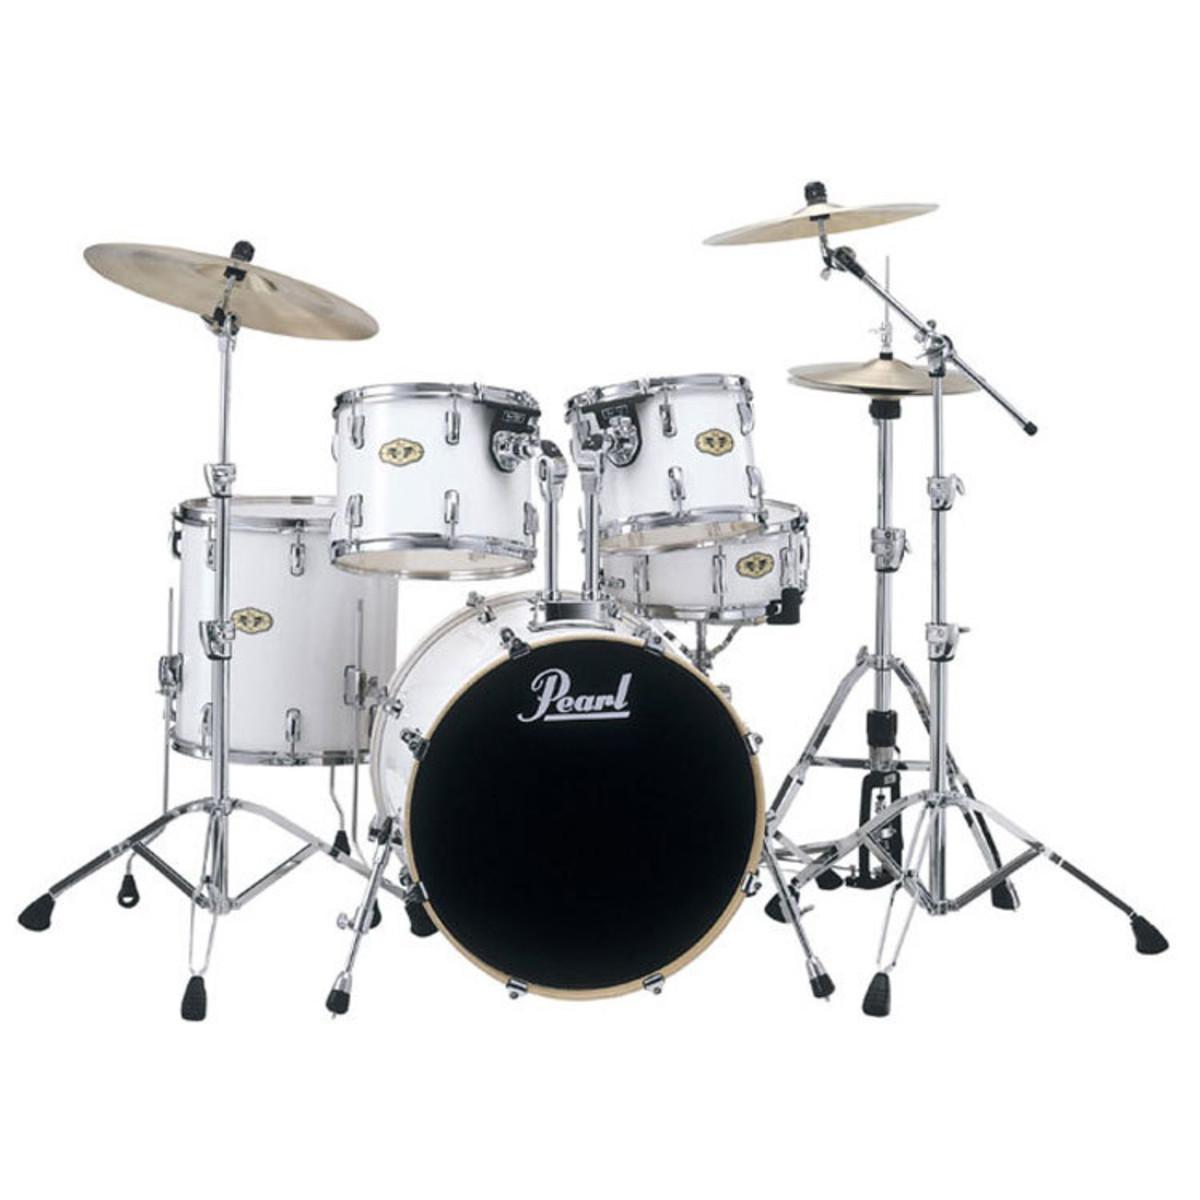 pearl vision vml maple rock drum kit hardware glacier white at. Black Bedroom Furniture Sets. Home Design Ideas